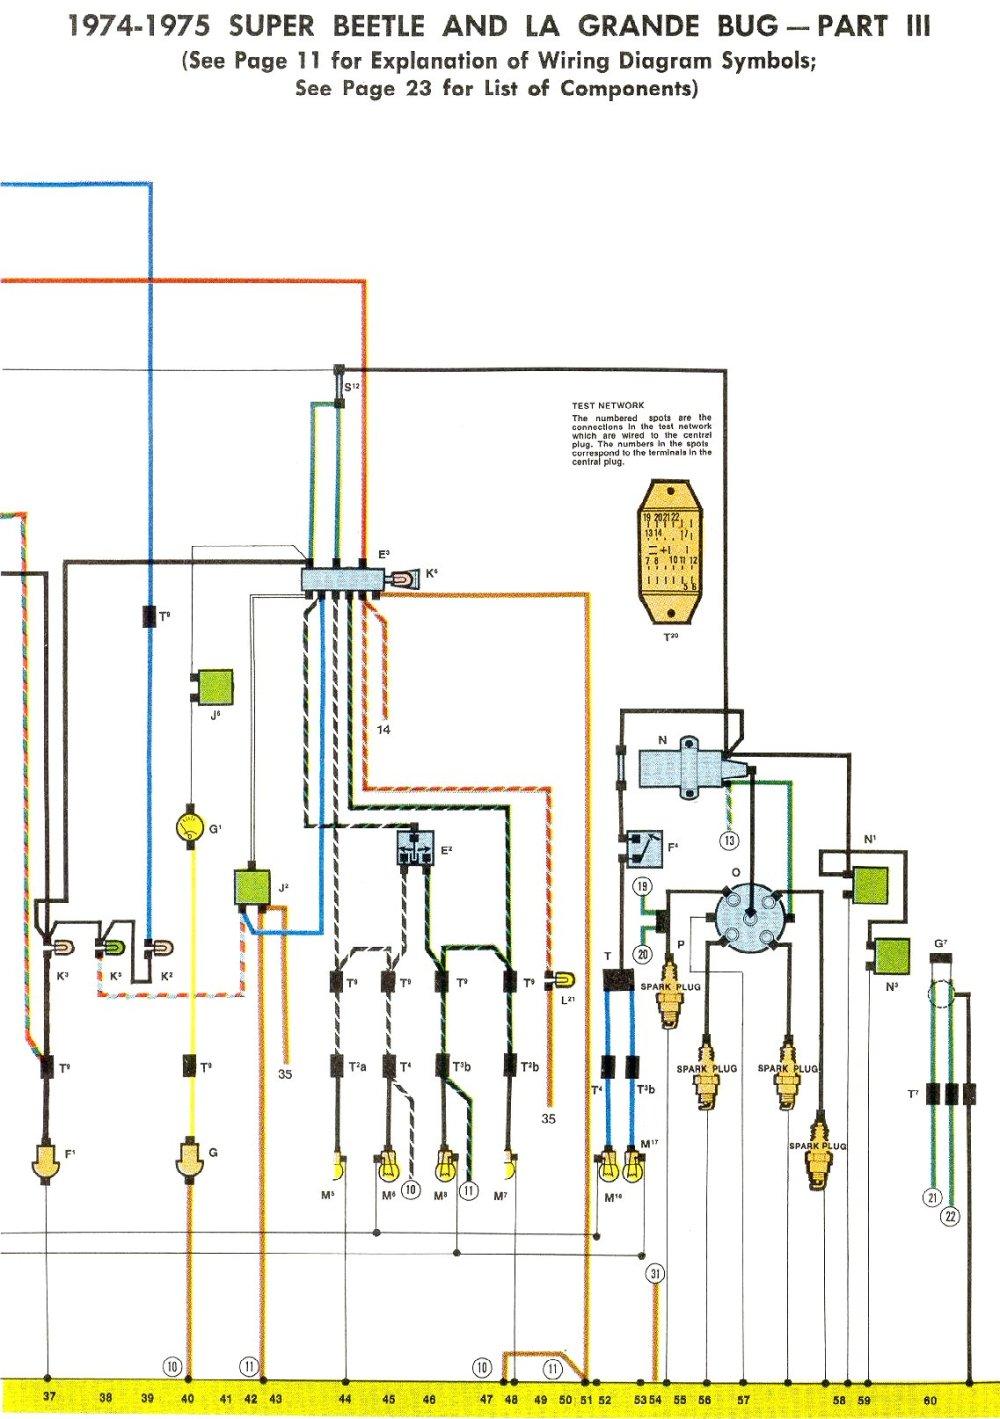 medium resolution of 1973 super beetle fuse box diagram 1972 vw super beetle fuse box diagram 1970 vw beetle